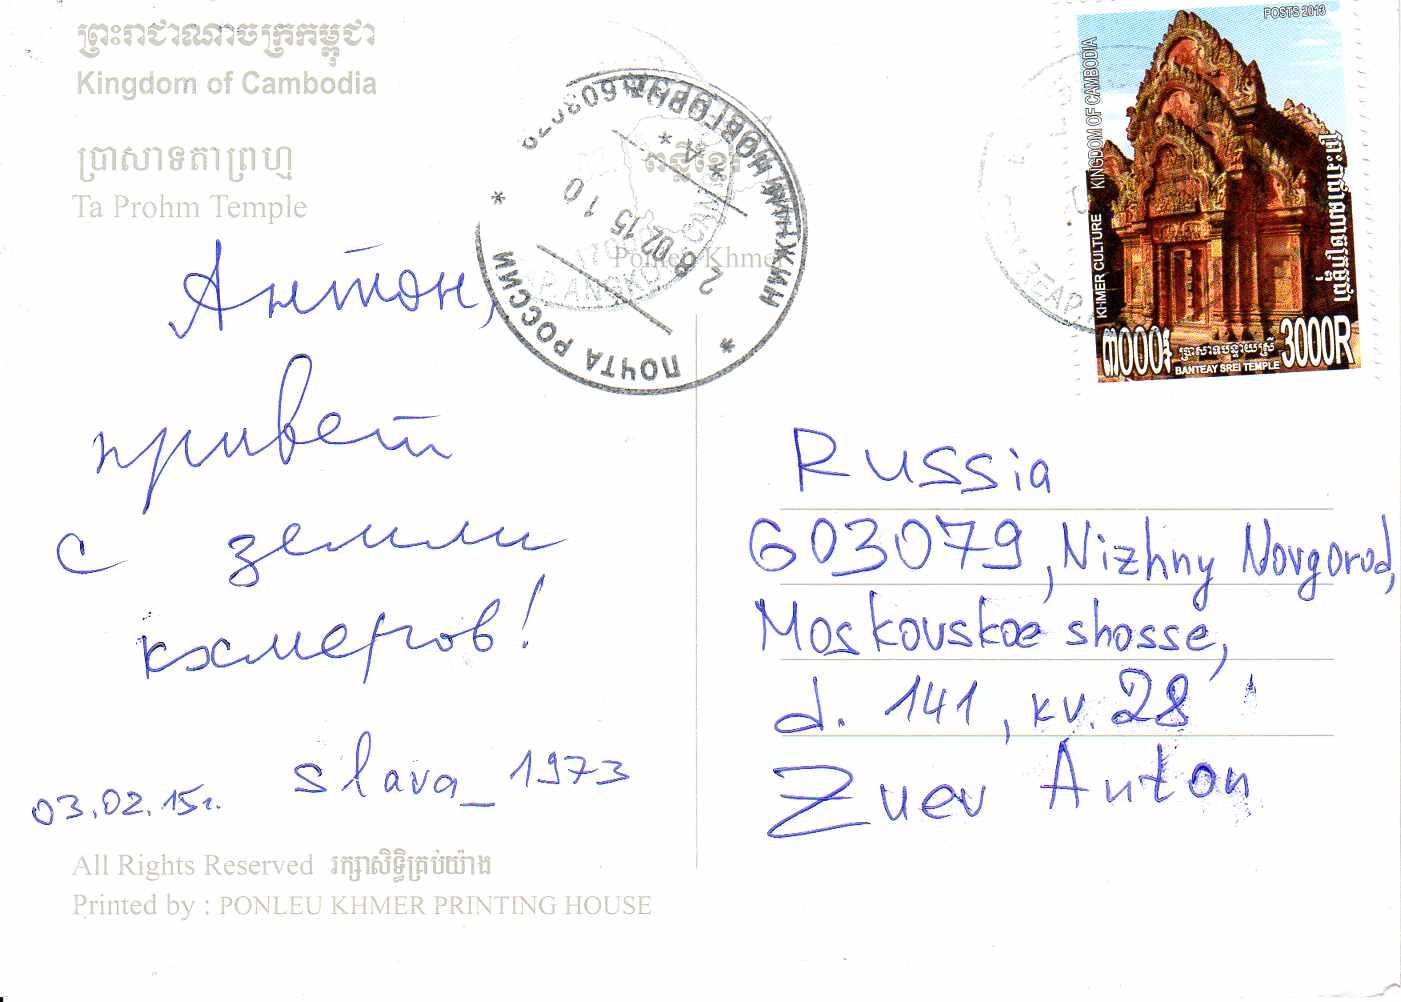 Картинку, как отправить открытку из венеции